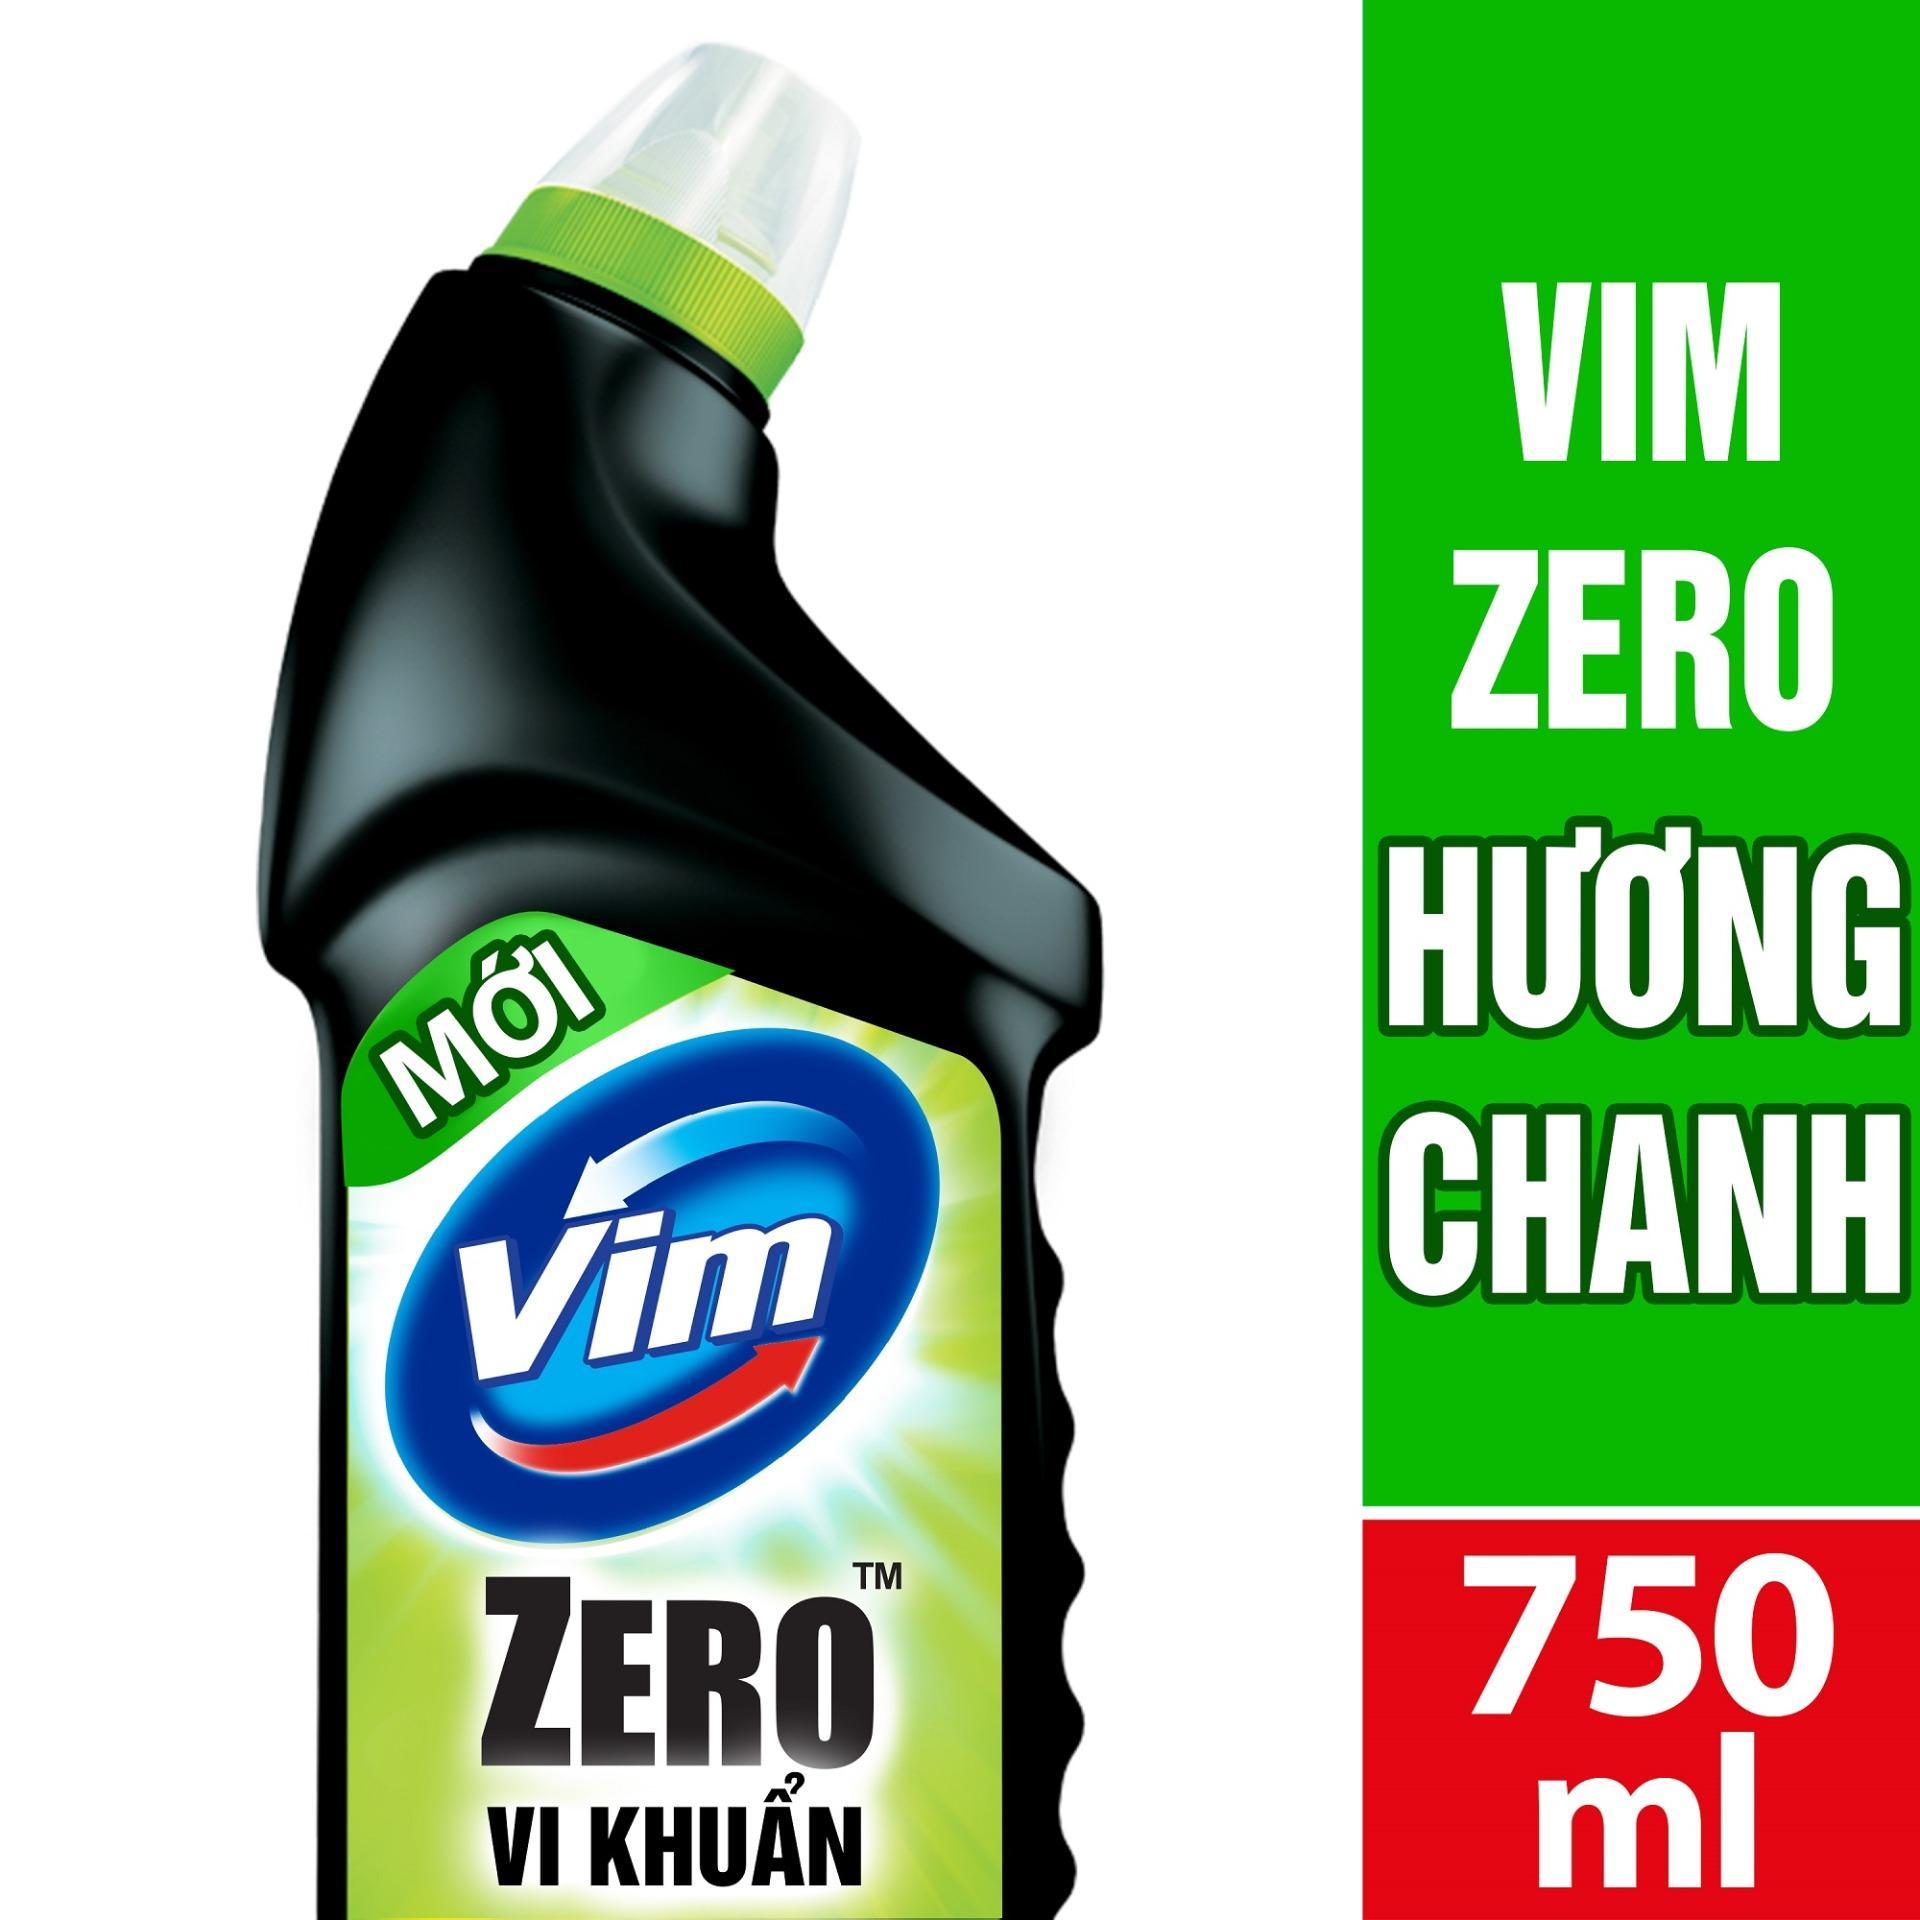 CHẤT TẨY RỬA BỒN CẦU VIM ZERO THƠM MÁT 750ML HƯƠNG CHANH